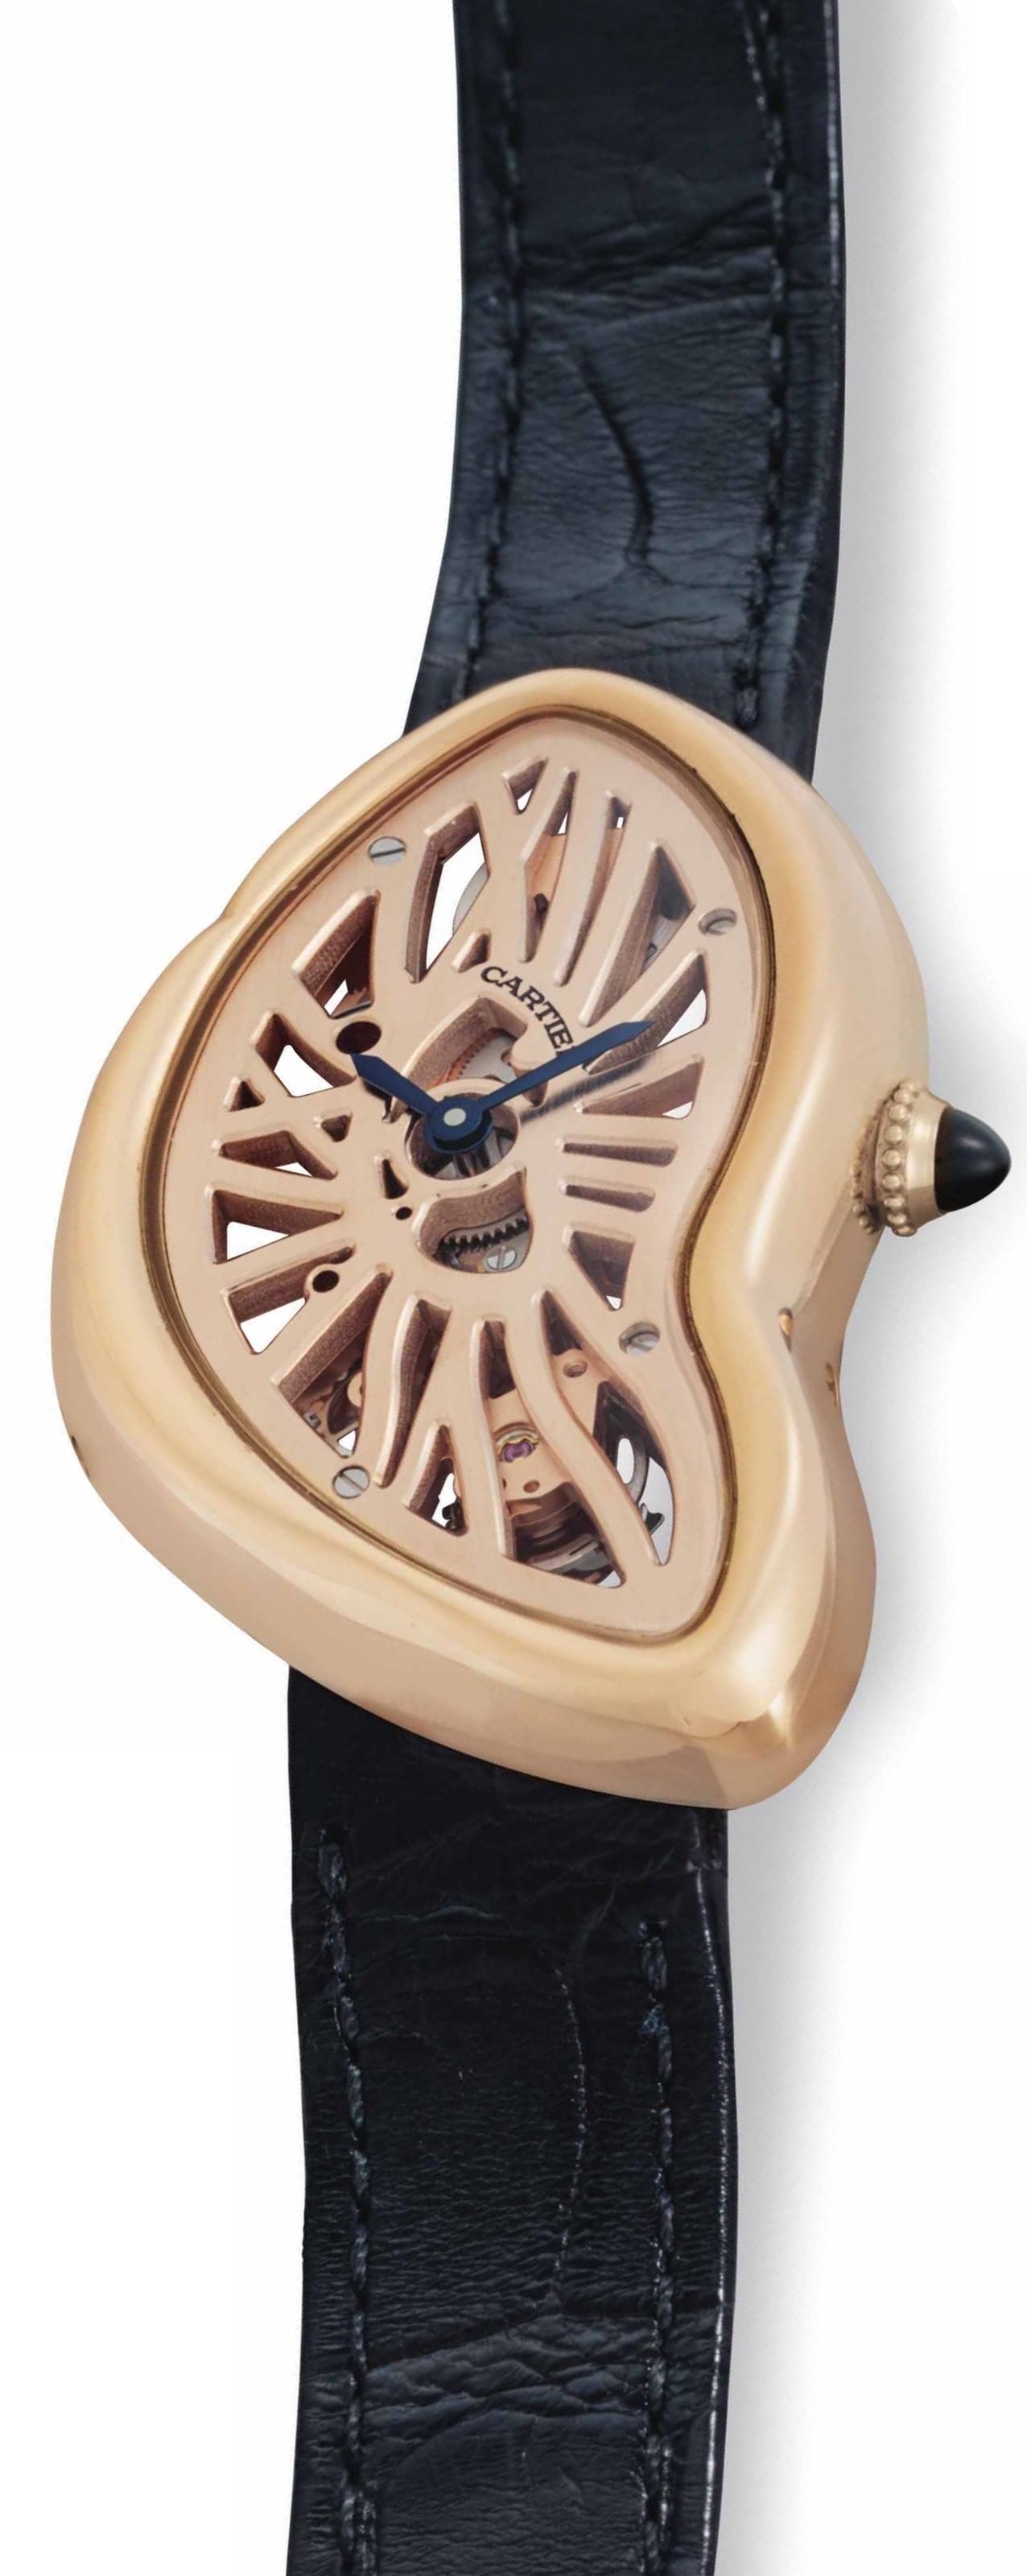 Cartier Crash Damklocka WHCH0006 Skelettskuren/Läder - Cartier